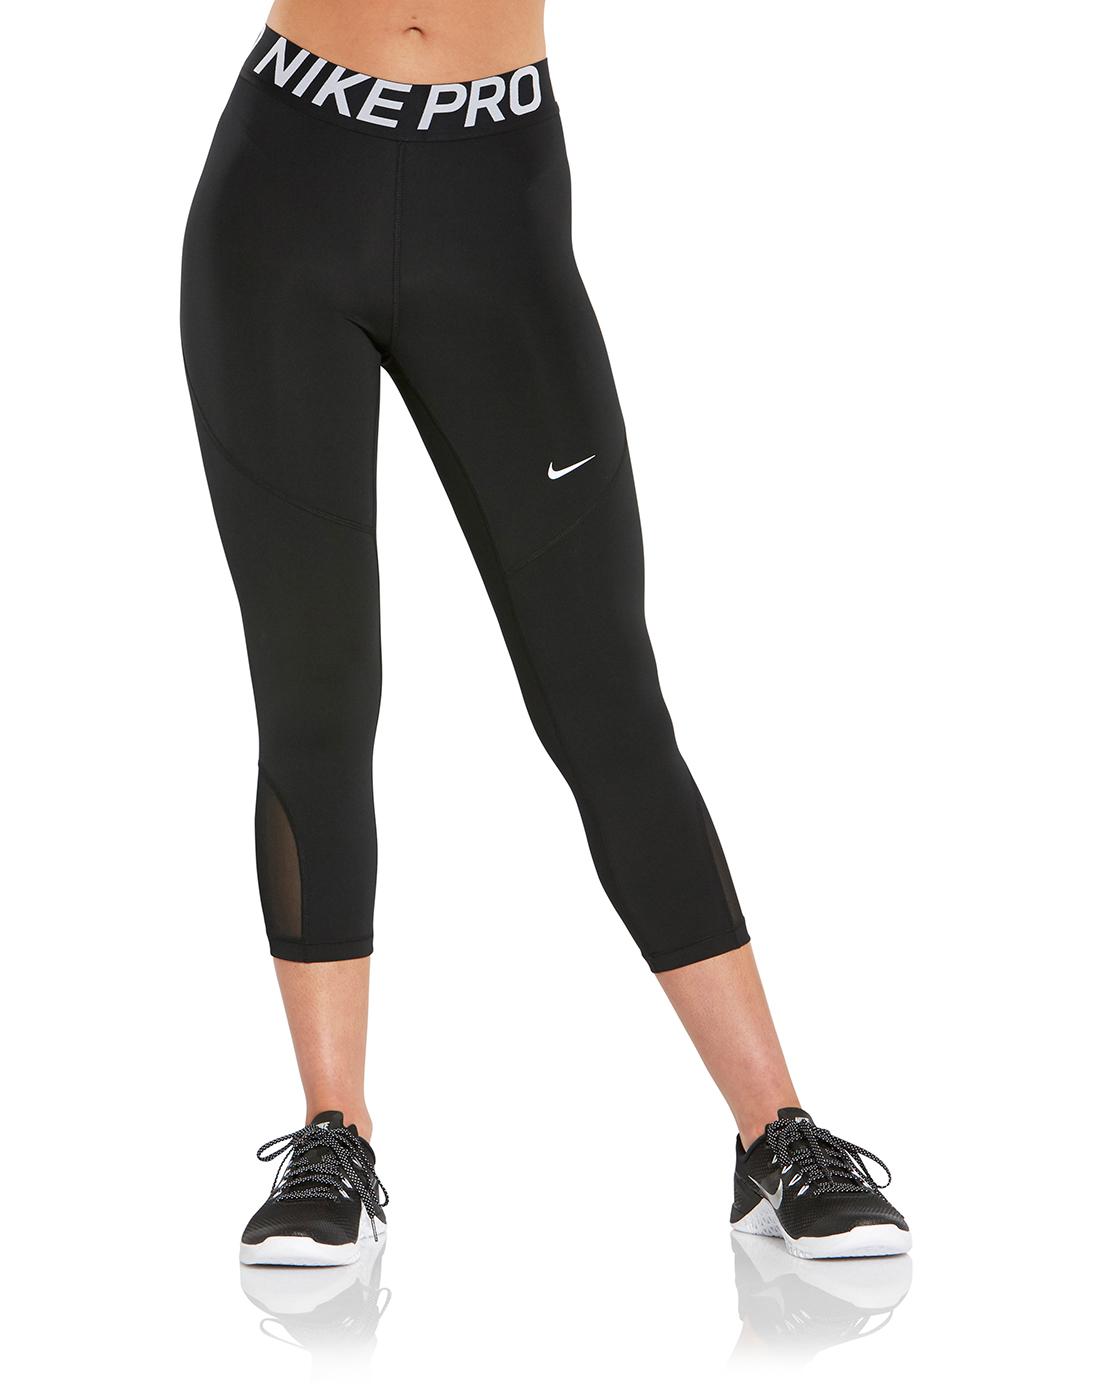 f18833072922c Women's Black Nike Pro Capri | Life Style Sports